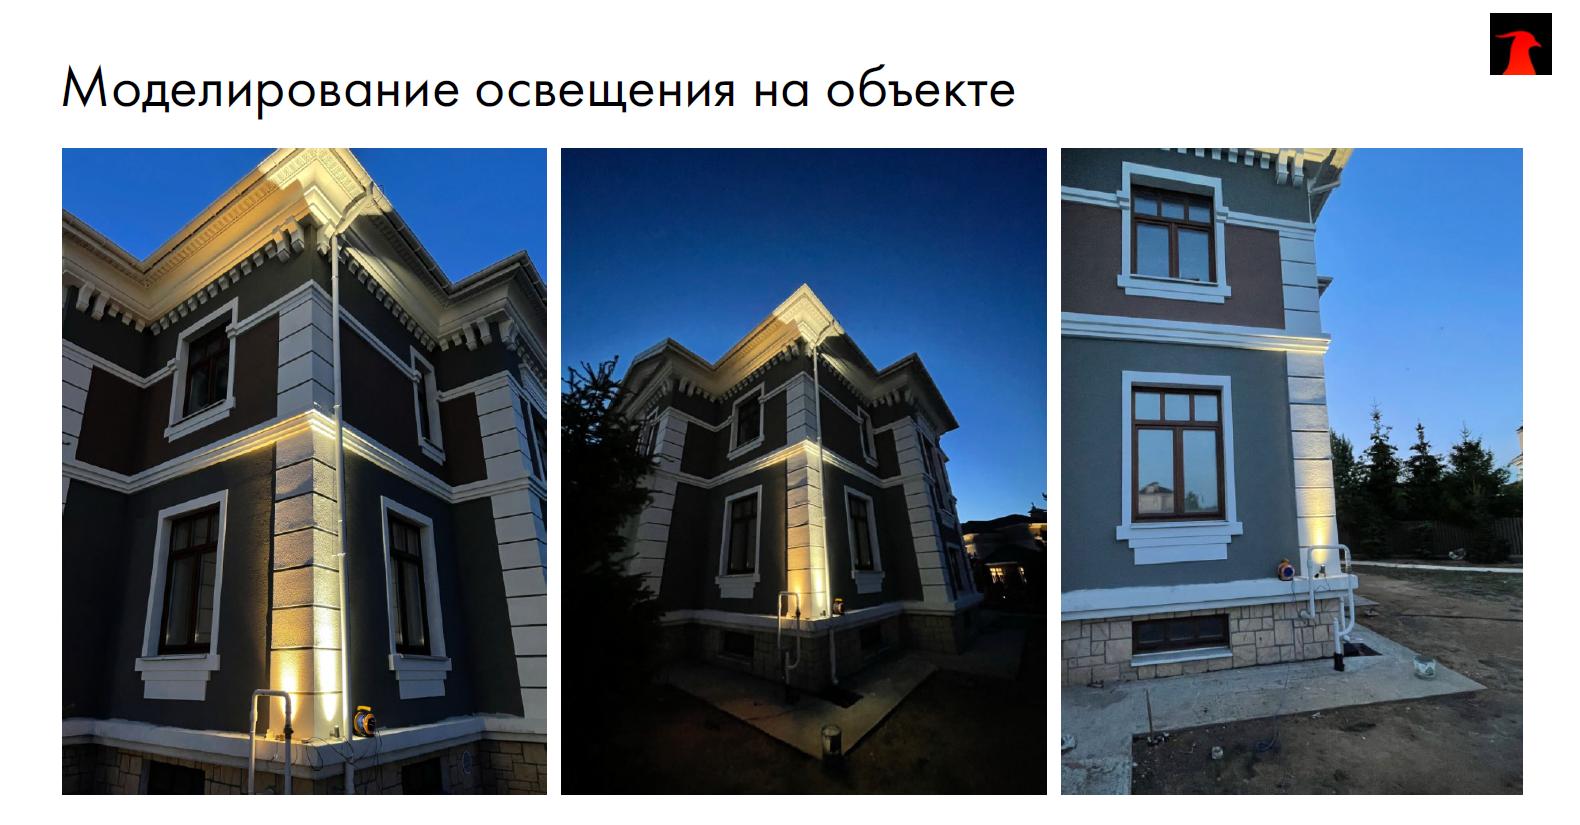 Моделирование освещения на фасаде частного дома